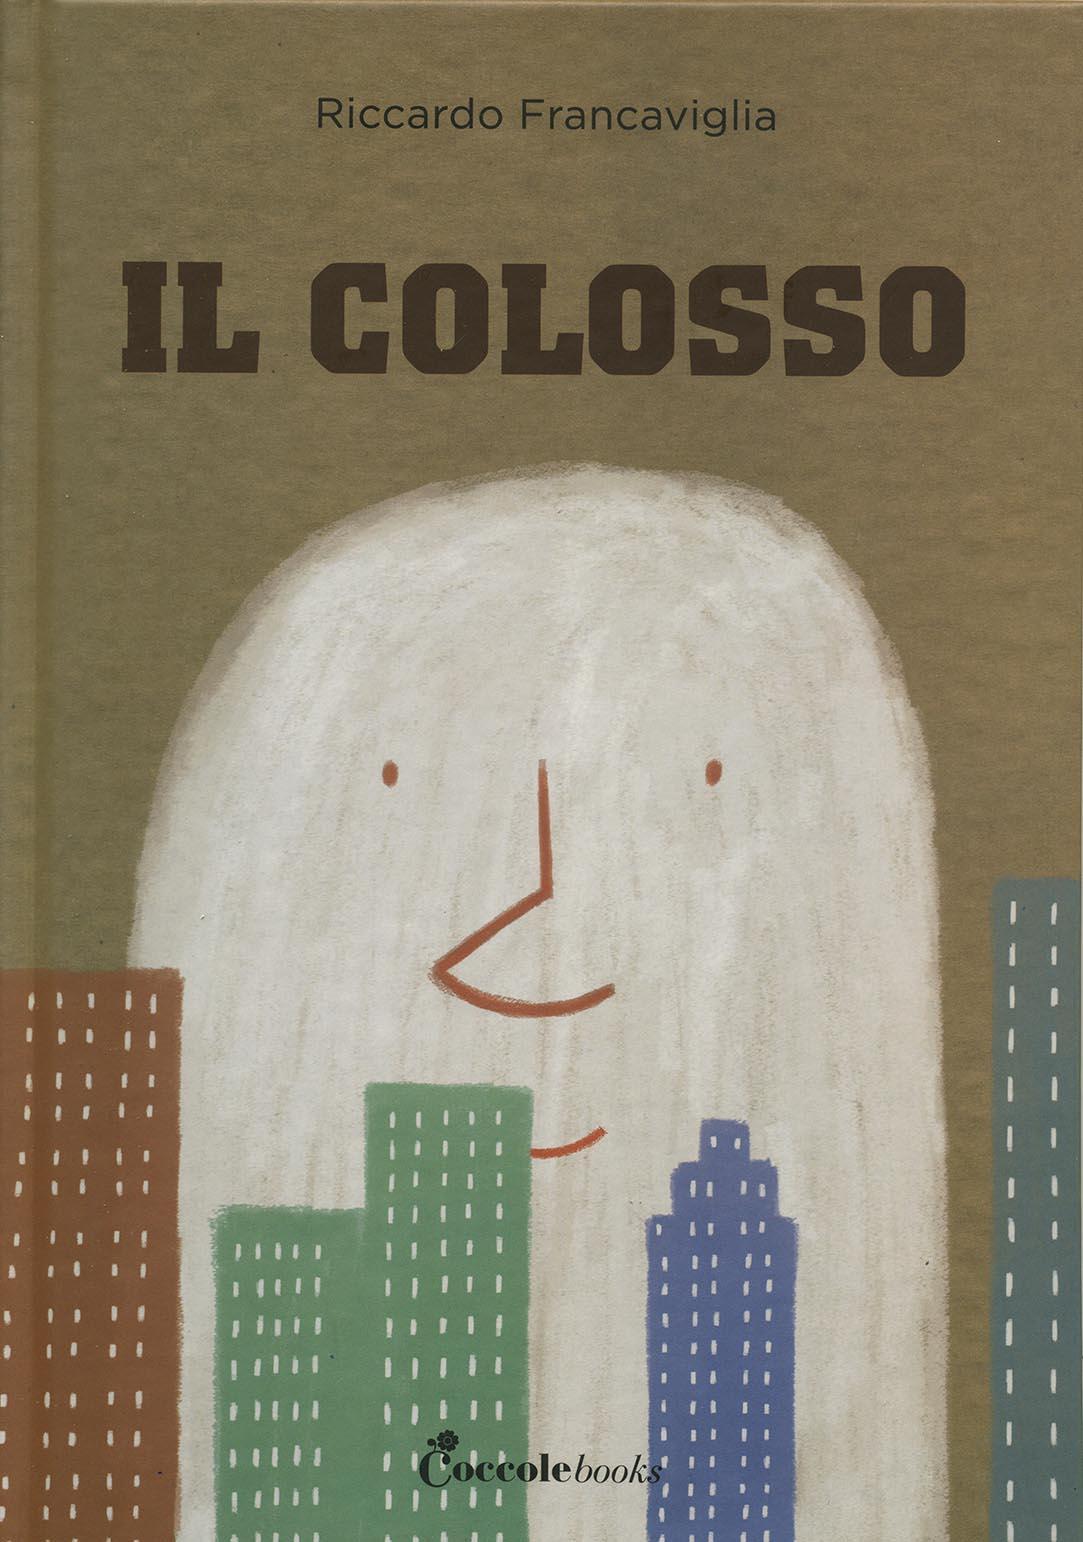 E' nato piccolo, come tutti. Poi è cresciuto ed è diventato un Colosso. Un colosso è un problema e nessuno vuole avere problemi.